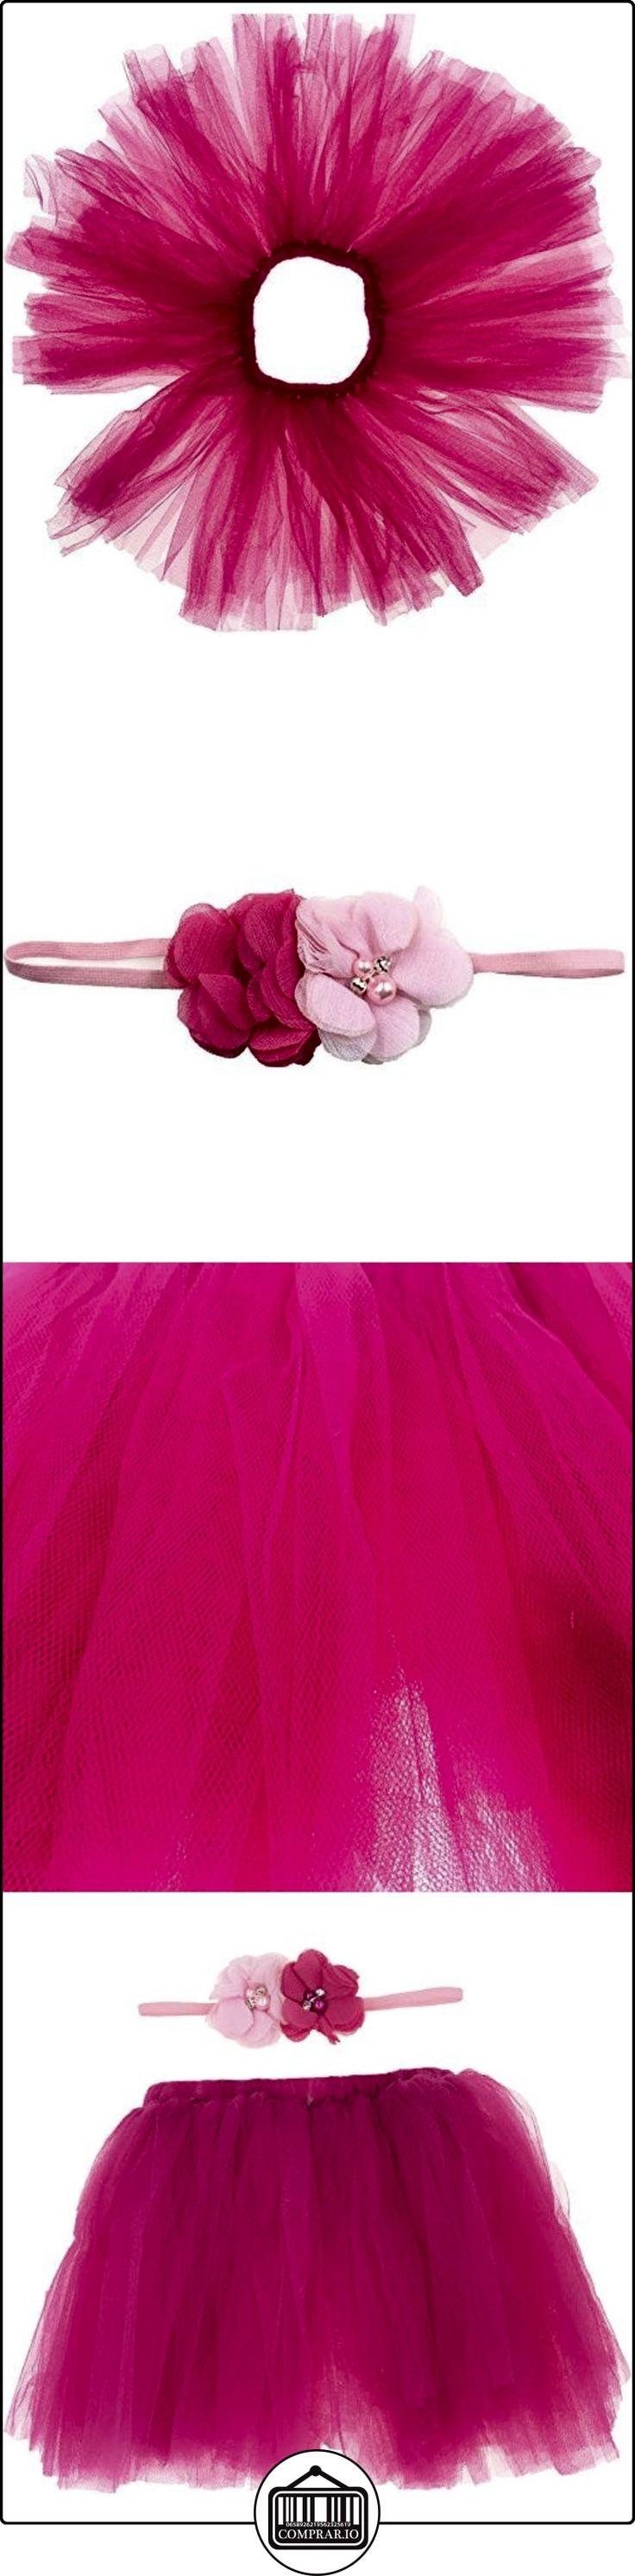 Tyidalin Bebé Niña Falda Corta + Cinta Falda del tutú de Ballet Fotografía Traje 0-6M Rosa  ✿ Regalos para recién nacidos - Bebes ✿ ▬► Ver oferta: http://comprar.io/goto/B01NCHMQYW